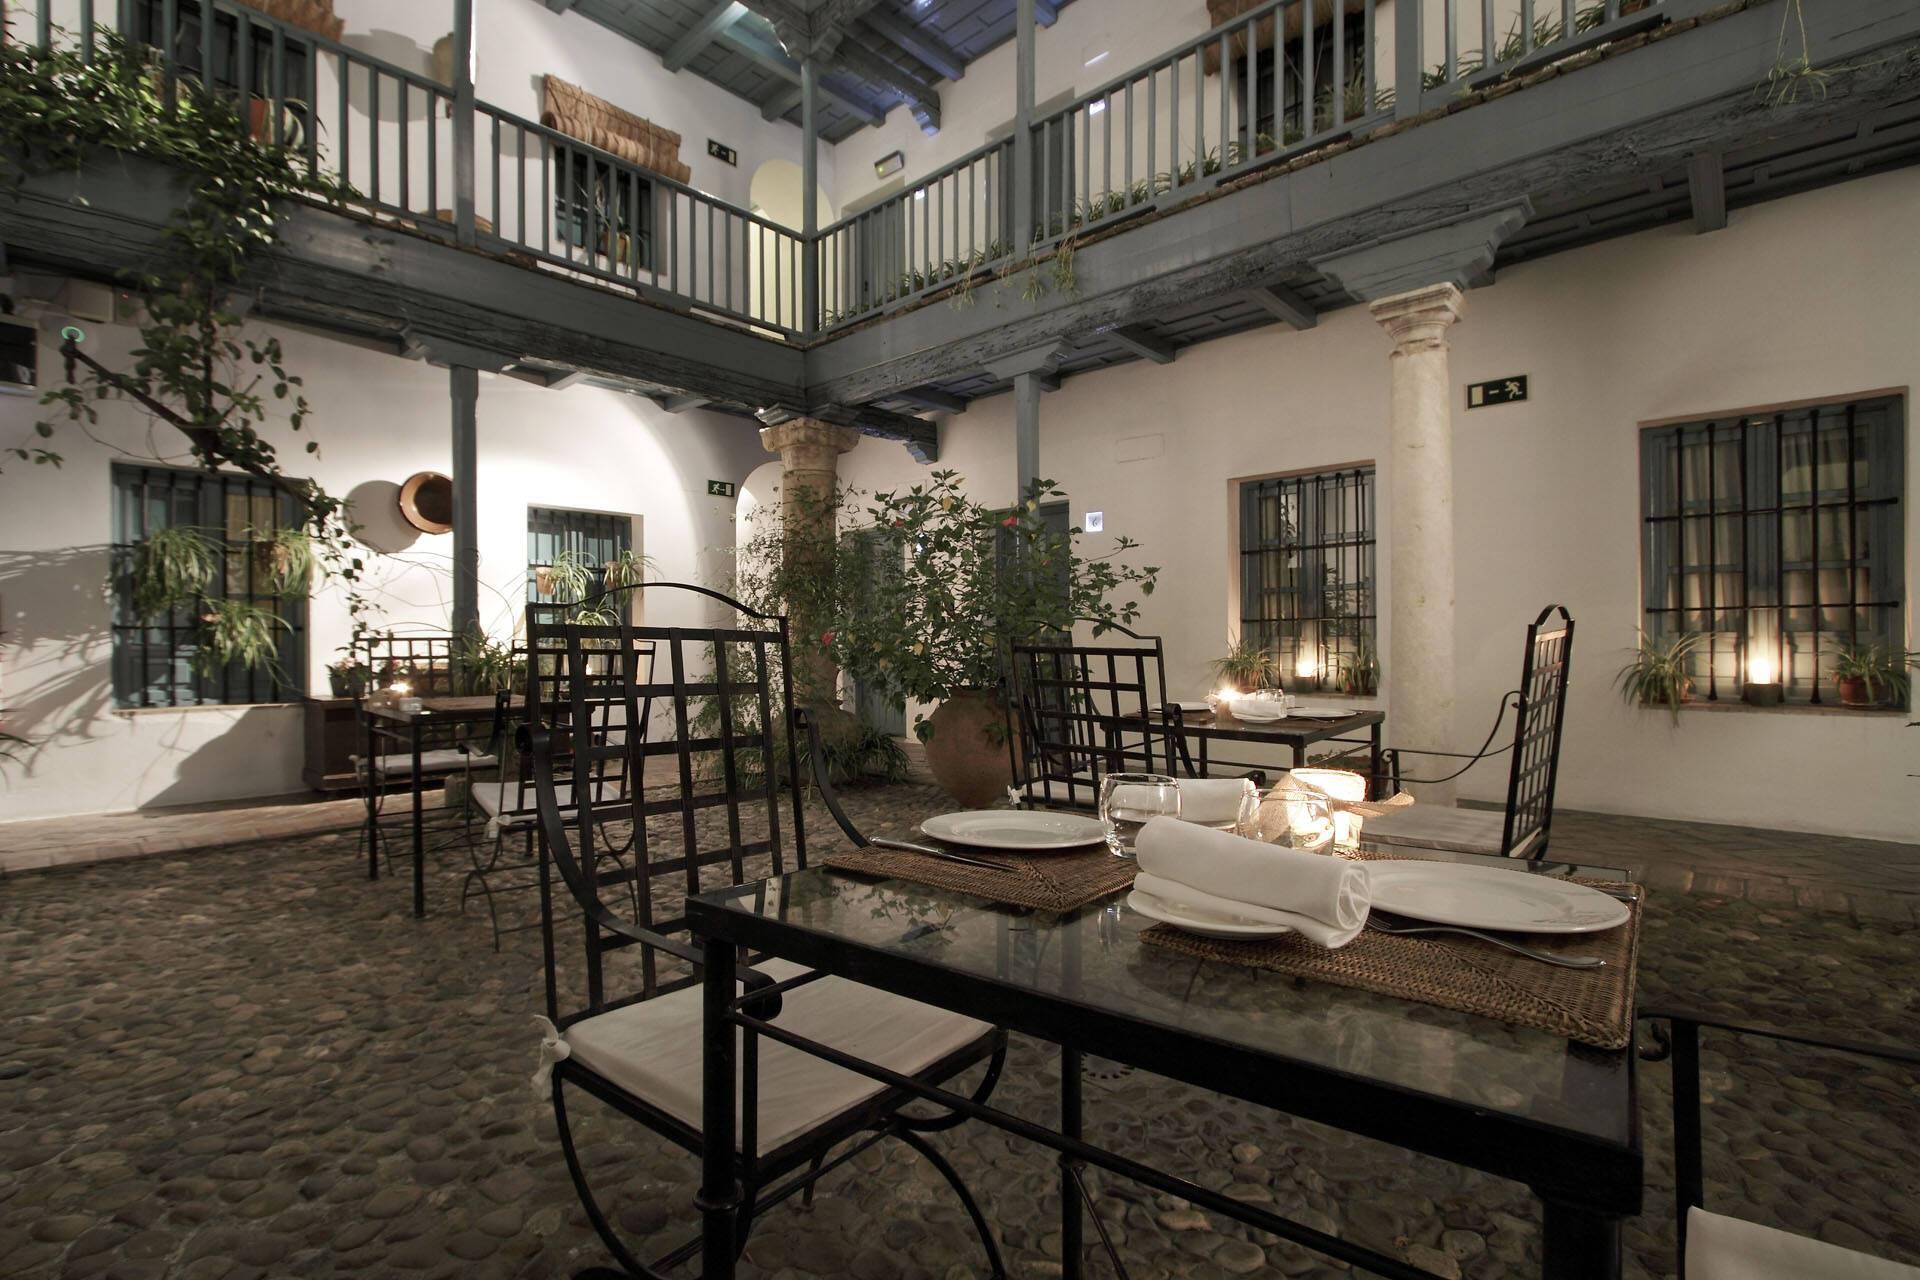 Hotel Hospes Casas Rey Baeza Patio Restaurant